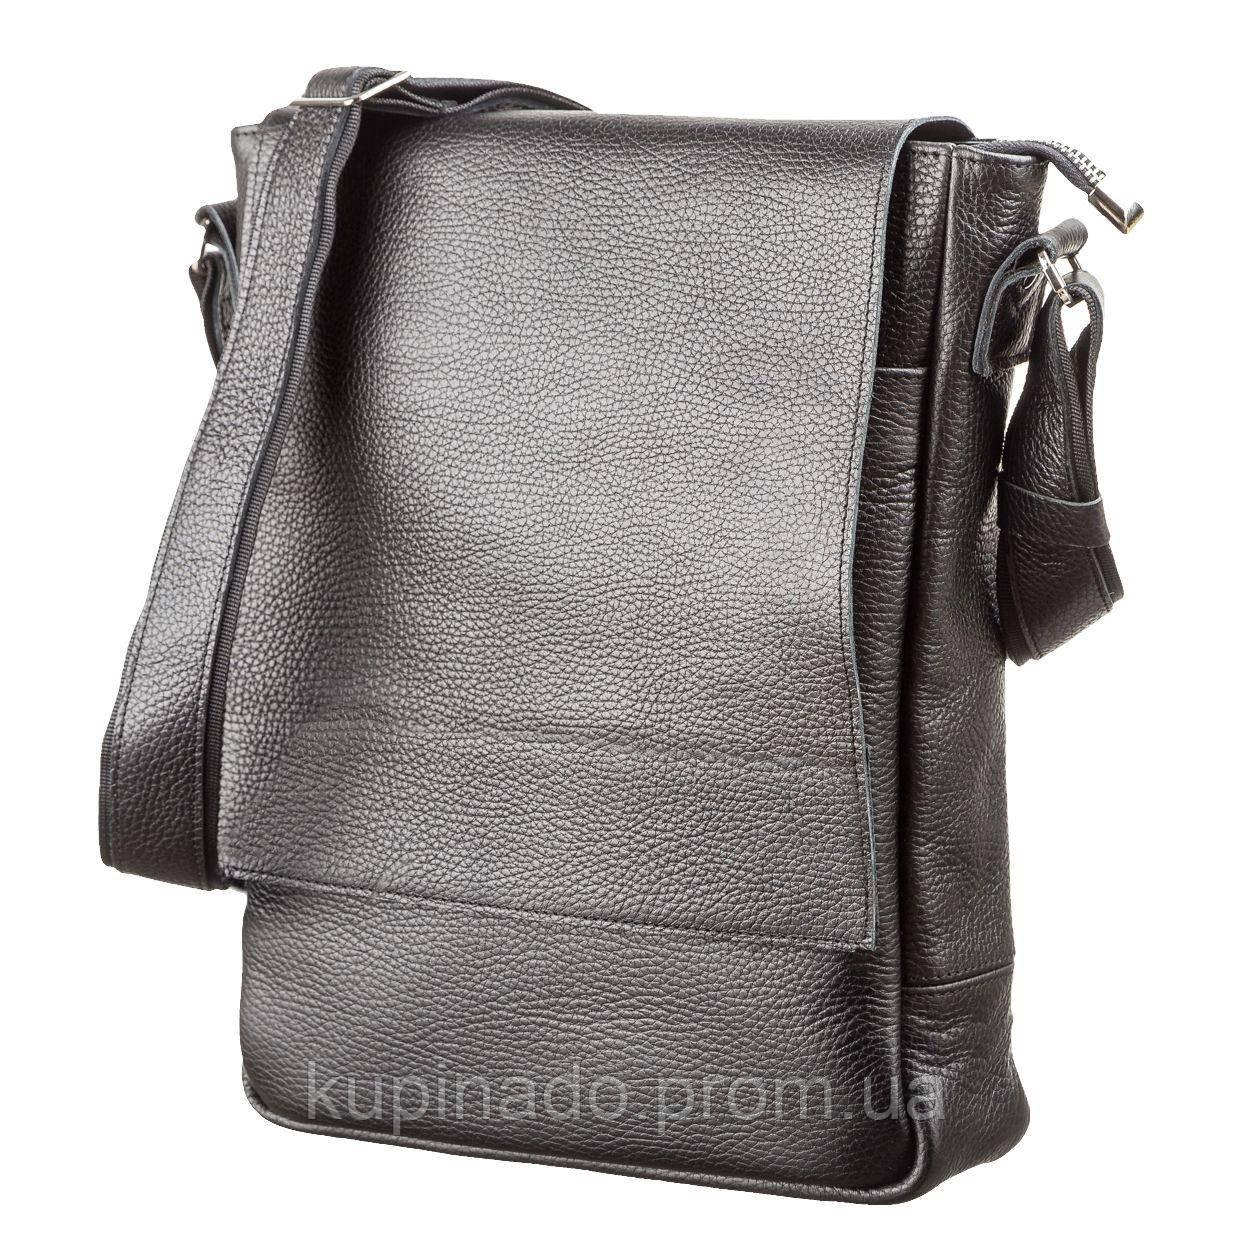 Сумка SHVIGEL 11080 из натуральной кожи Черная, Черный